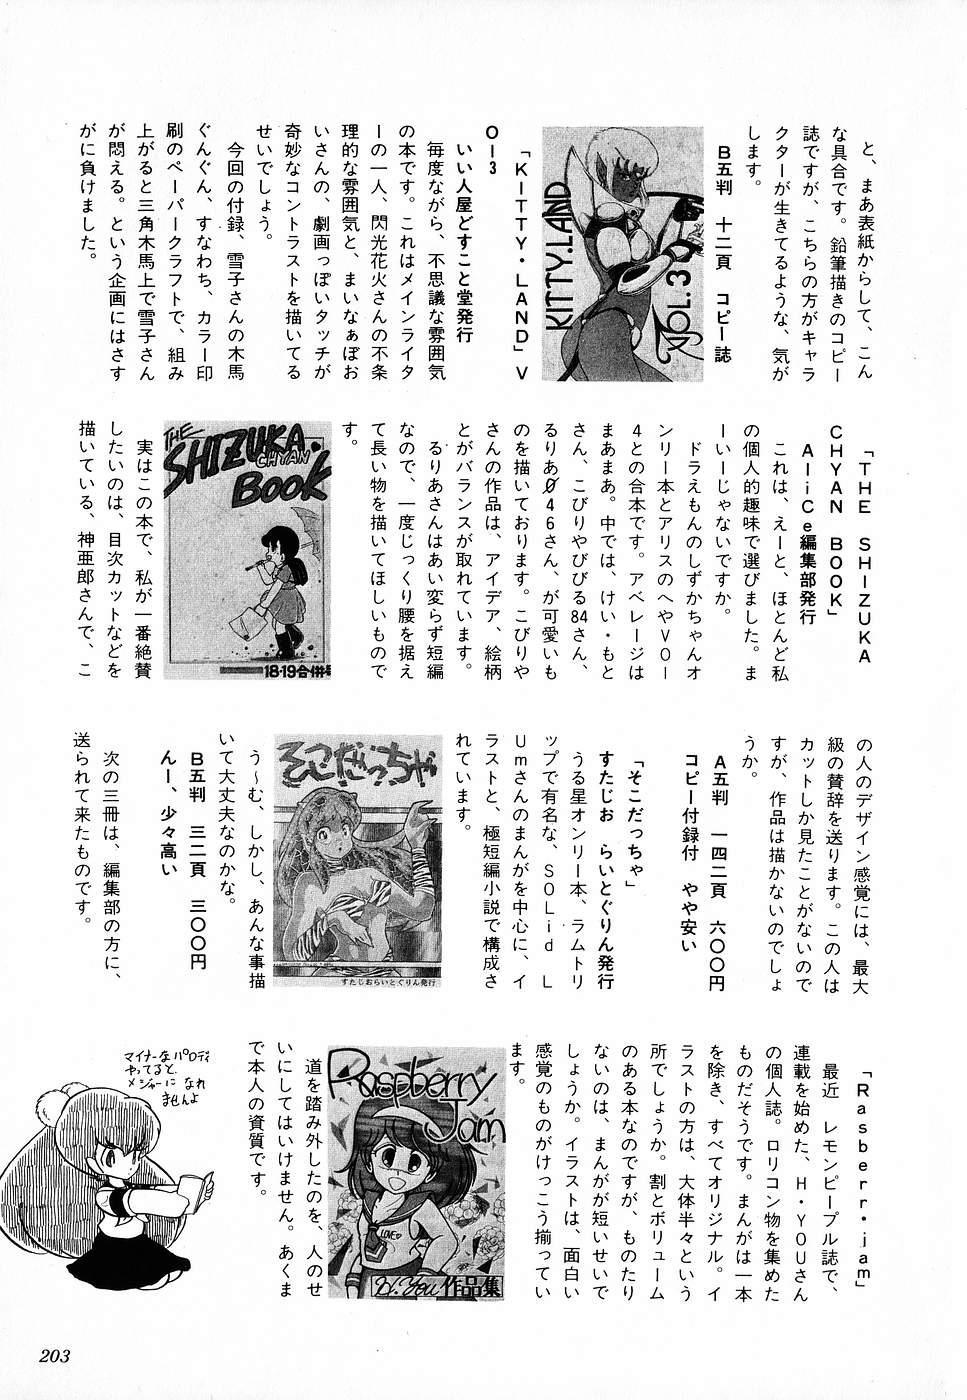 COMIC Lolipop 1985-10 Soukanjunbigou Aki 202